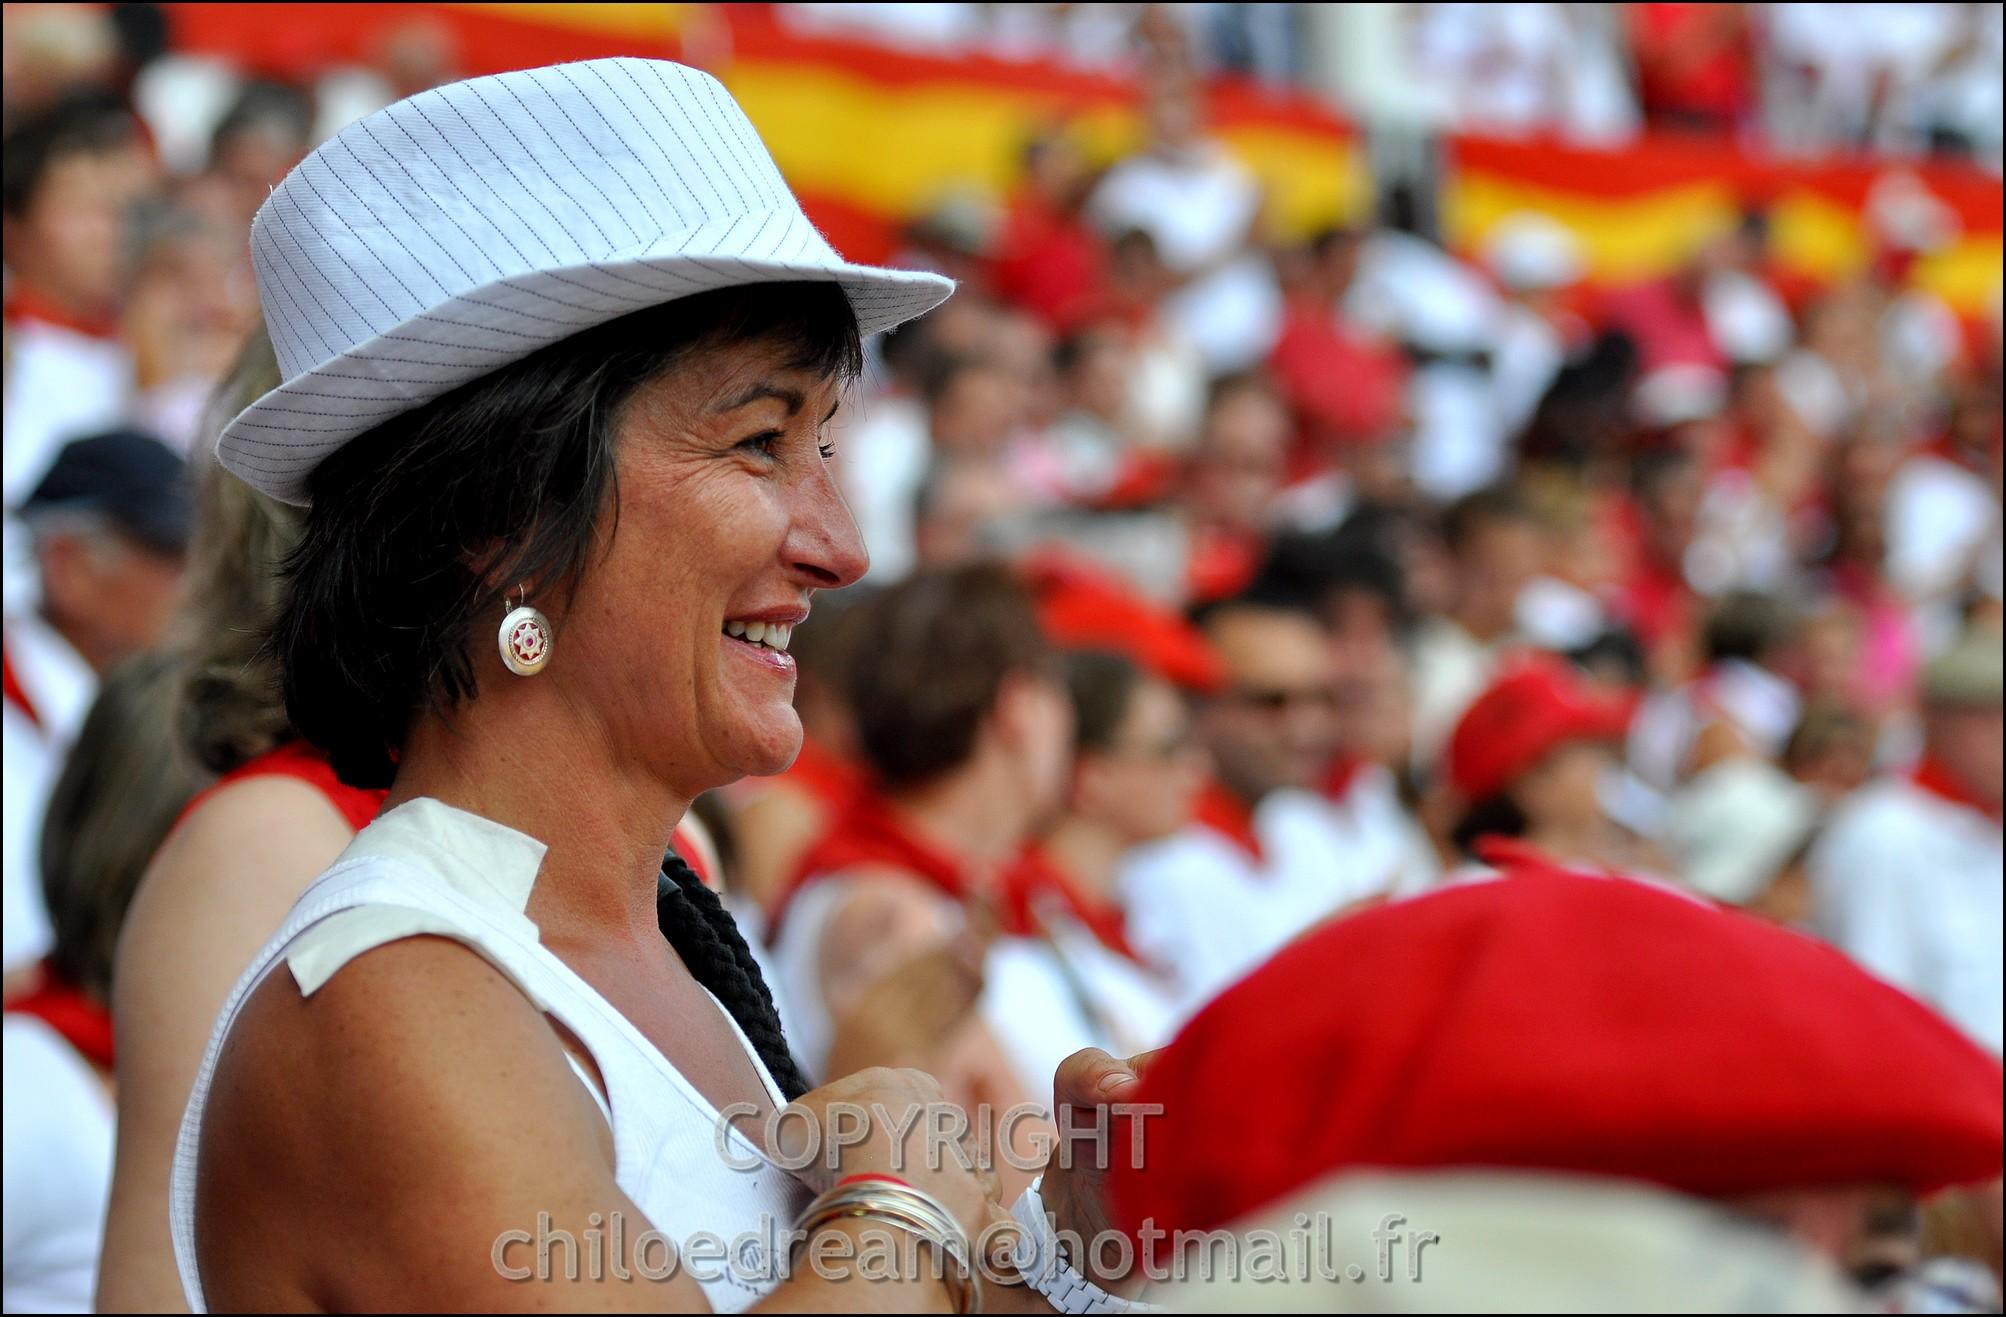 Voyage Pays Basque - Dax ; Corrida à cheval en rouge et blanc 35